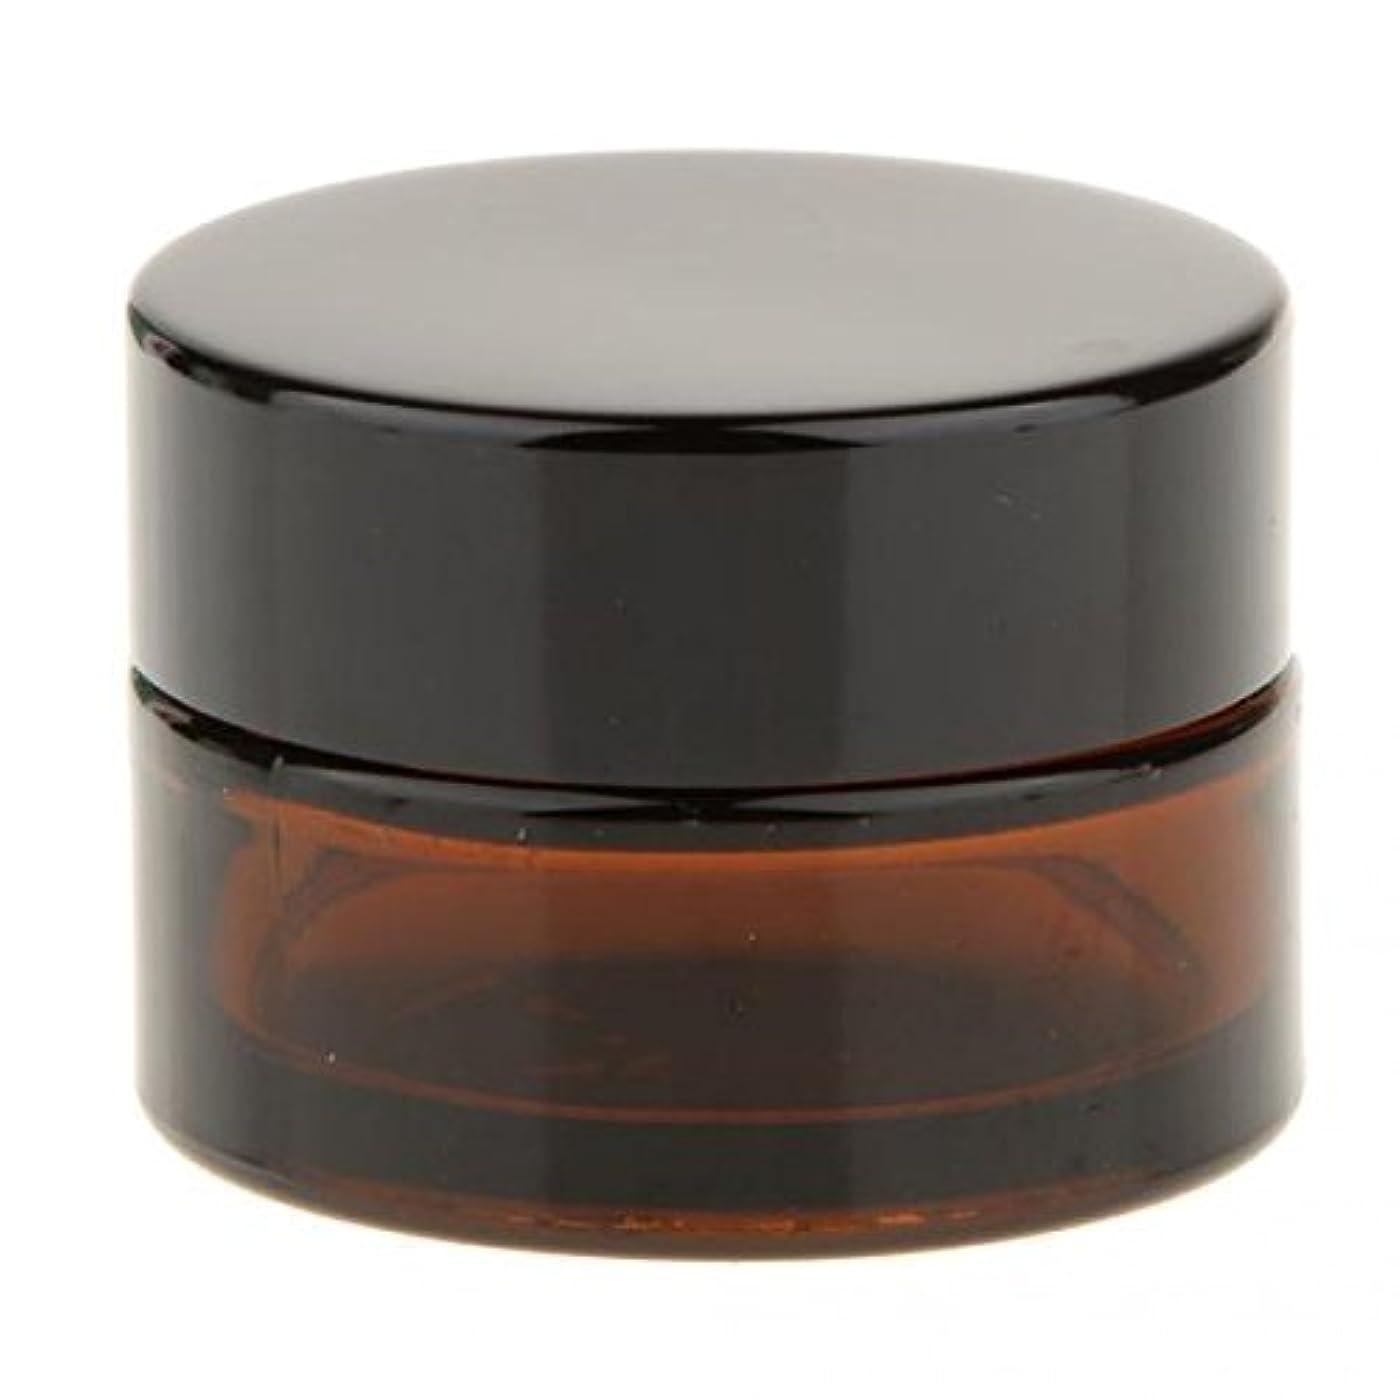 病気の引き受けるあるPerfk アクリル製 詰め替え可能 空き瓶 サンプル容器 クリーム キャップ付き ローション  耐久性 20g 2個